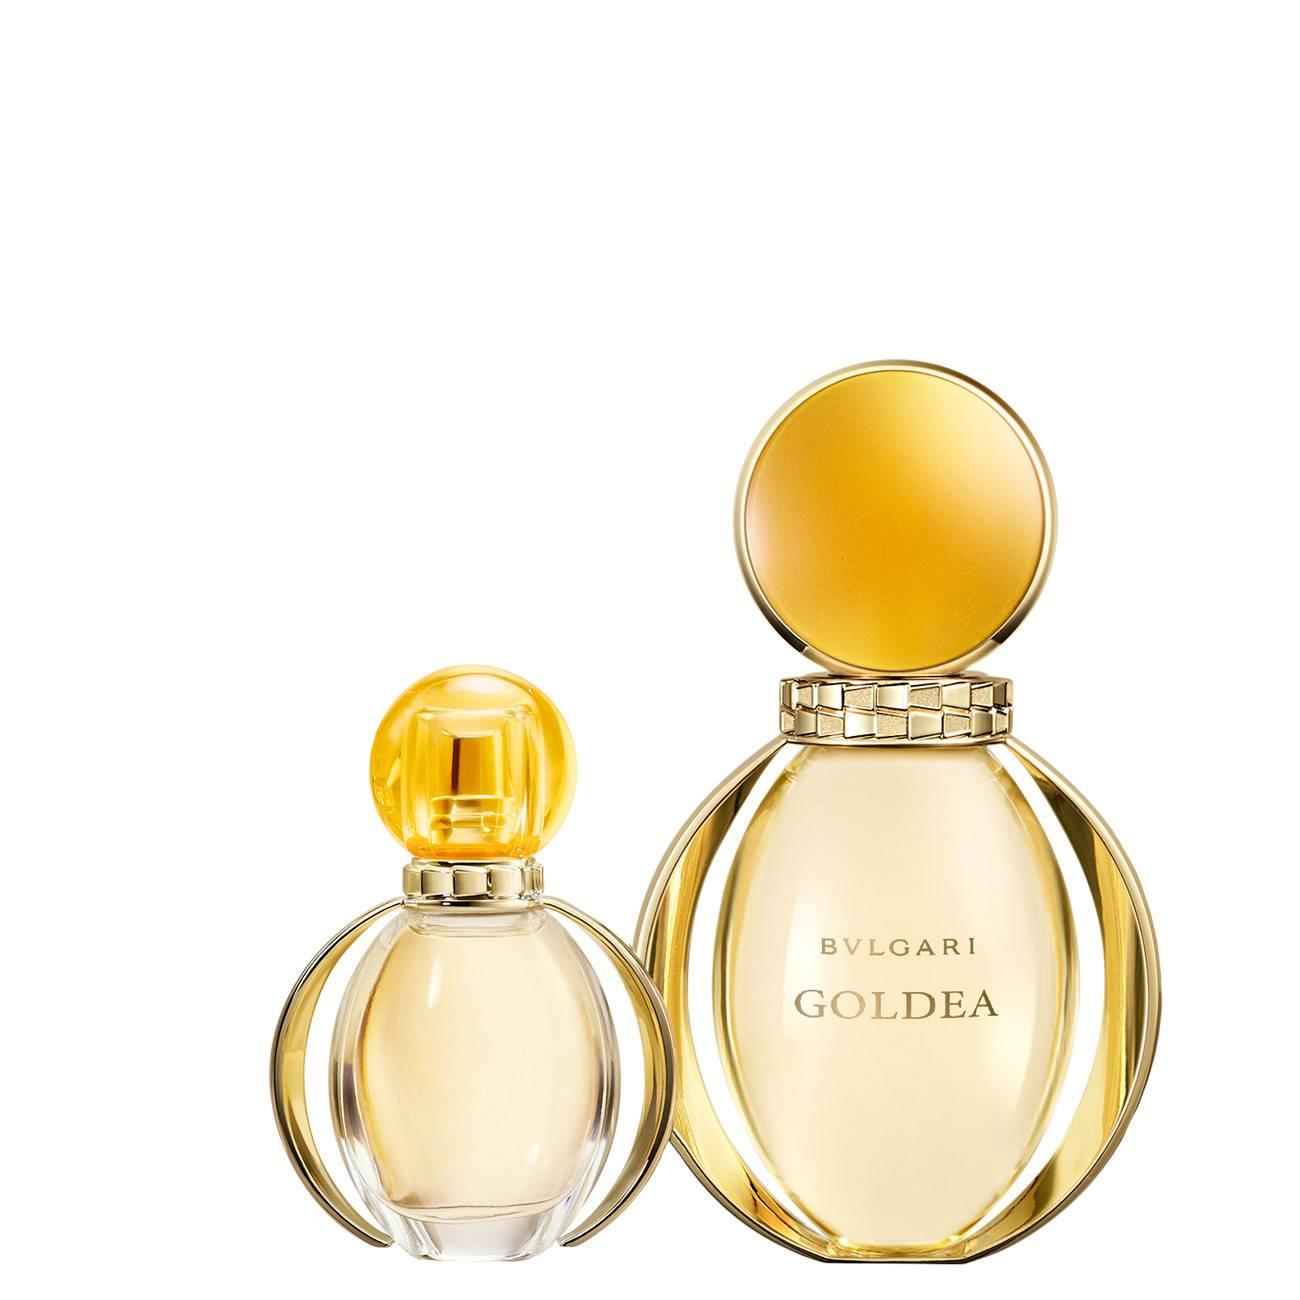 GOLDEA SET 65 ML 65ml imagine produs